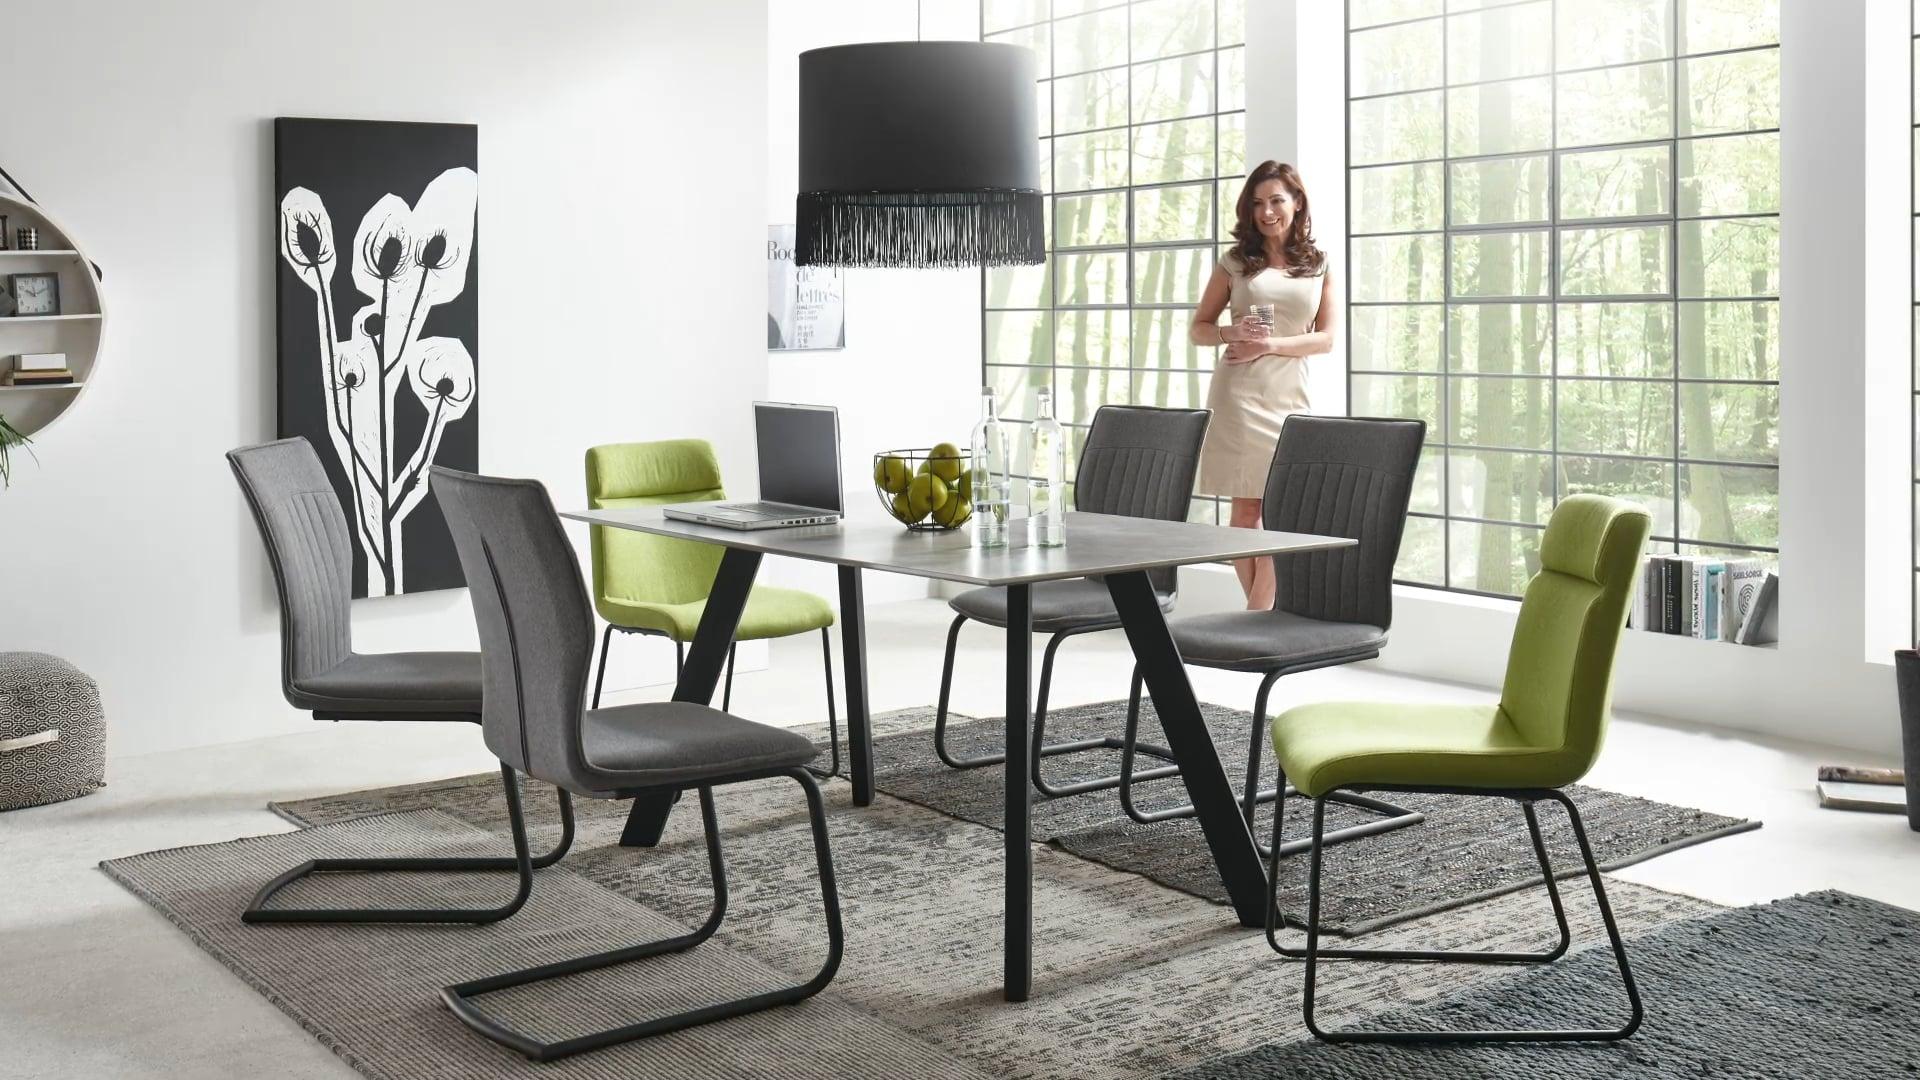 <p><u>Stuhl-/Tisch-System Modell Corso</u><br /> Diese Modell-Reihe bietet Ihnen induviduelle L&ouml;sungen f&uuml;r ein exklusives und modernes Ambiente. Die St&uuml;hle bieten Ihnen eine Auswahl an verschiedene Bez&uuml;gen, Gestellvarianten und Sitzschalenformen. Der Tisch ist in 2 verschiedenen Plattenausf&uuml;hrungen erh&auml;ltlich. Sie k&ouml;nnen alles beliebig zusammenstellen und nach Ihren W&uuml;nschen kombinieren. &nbsp;</p>